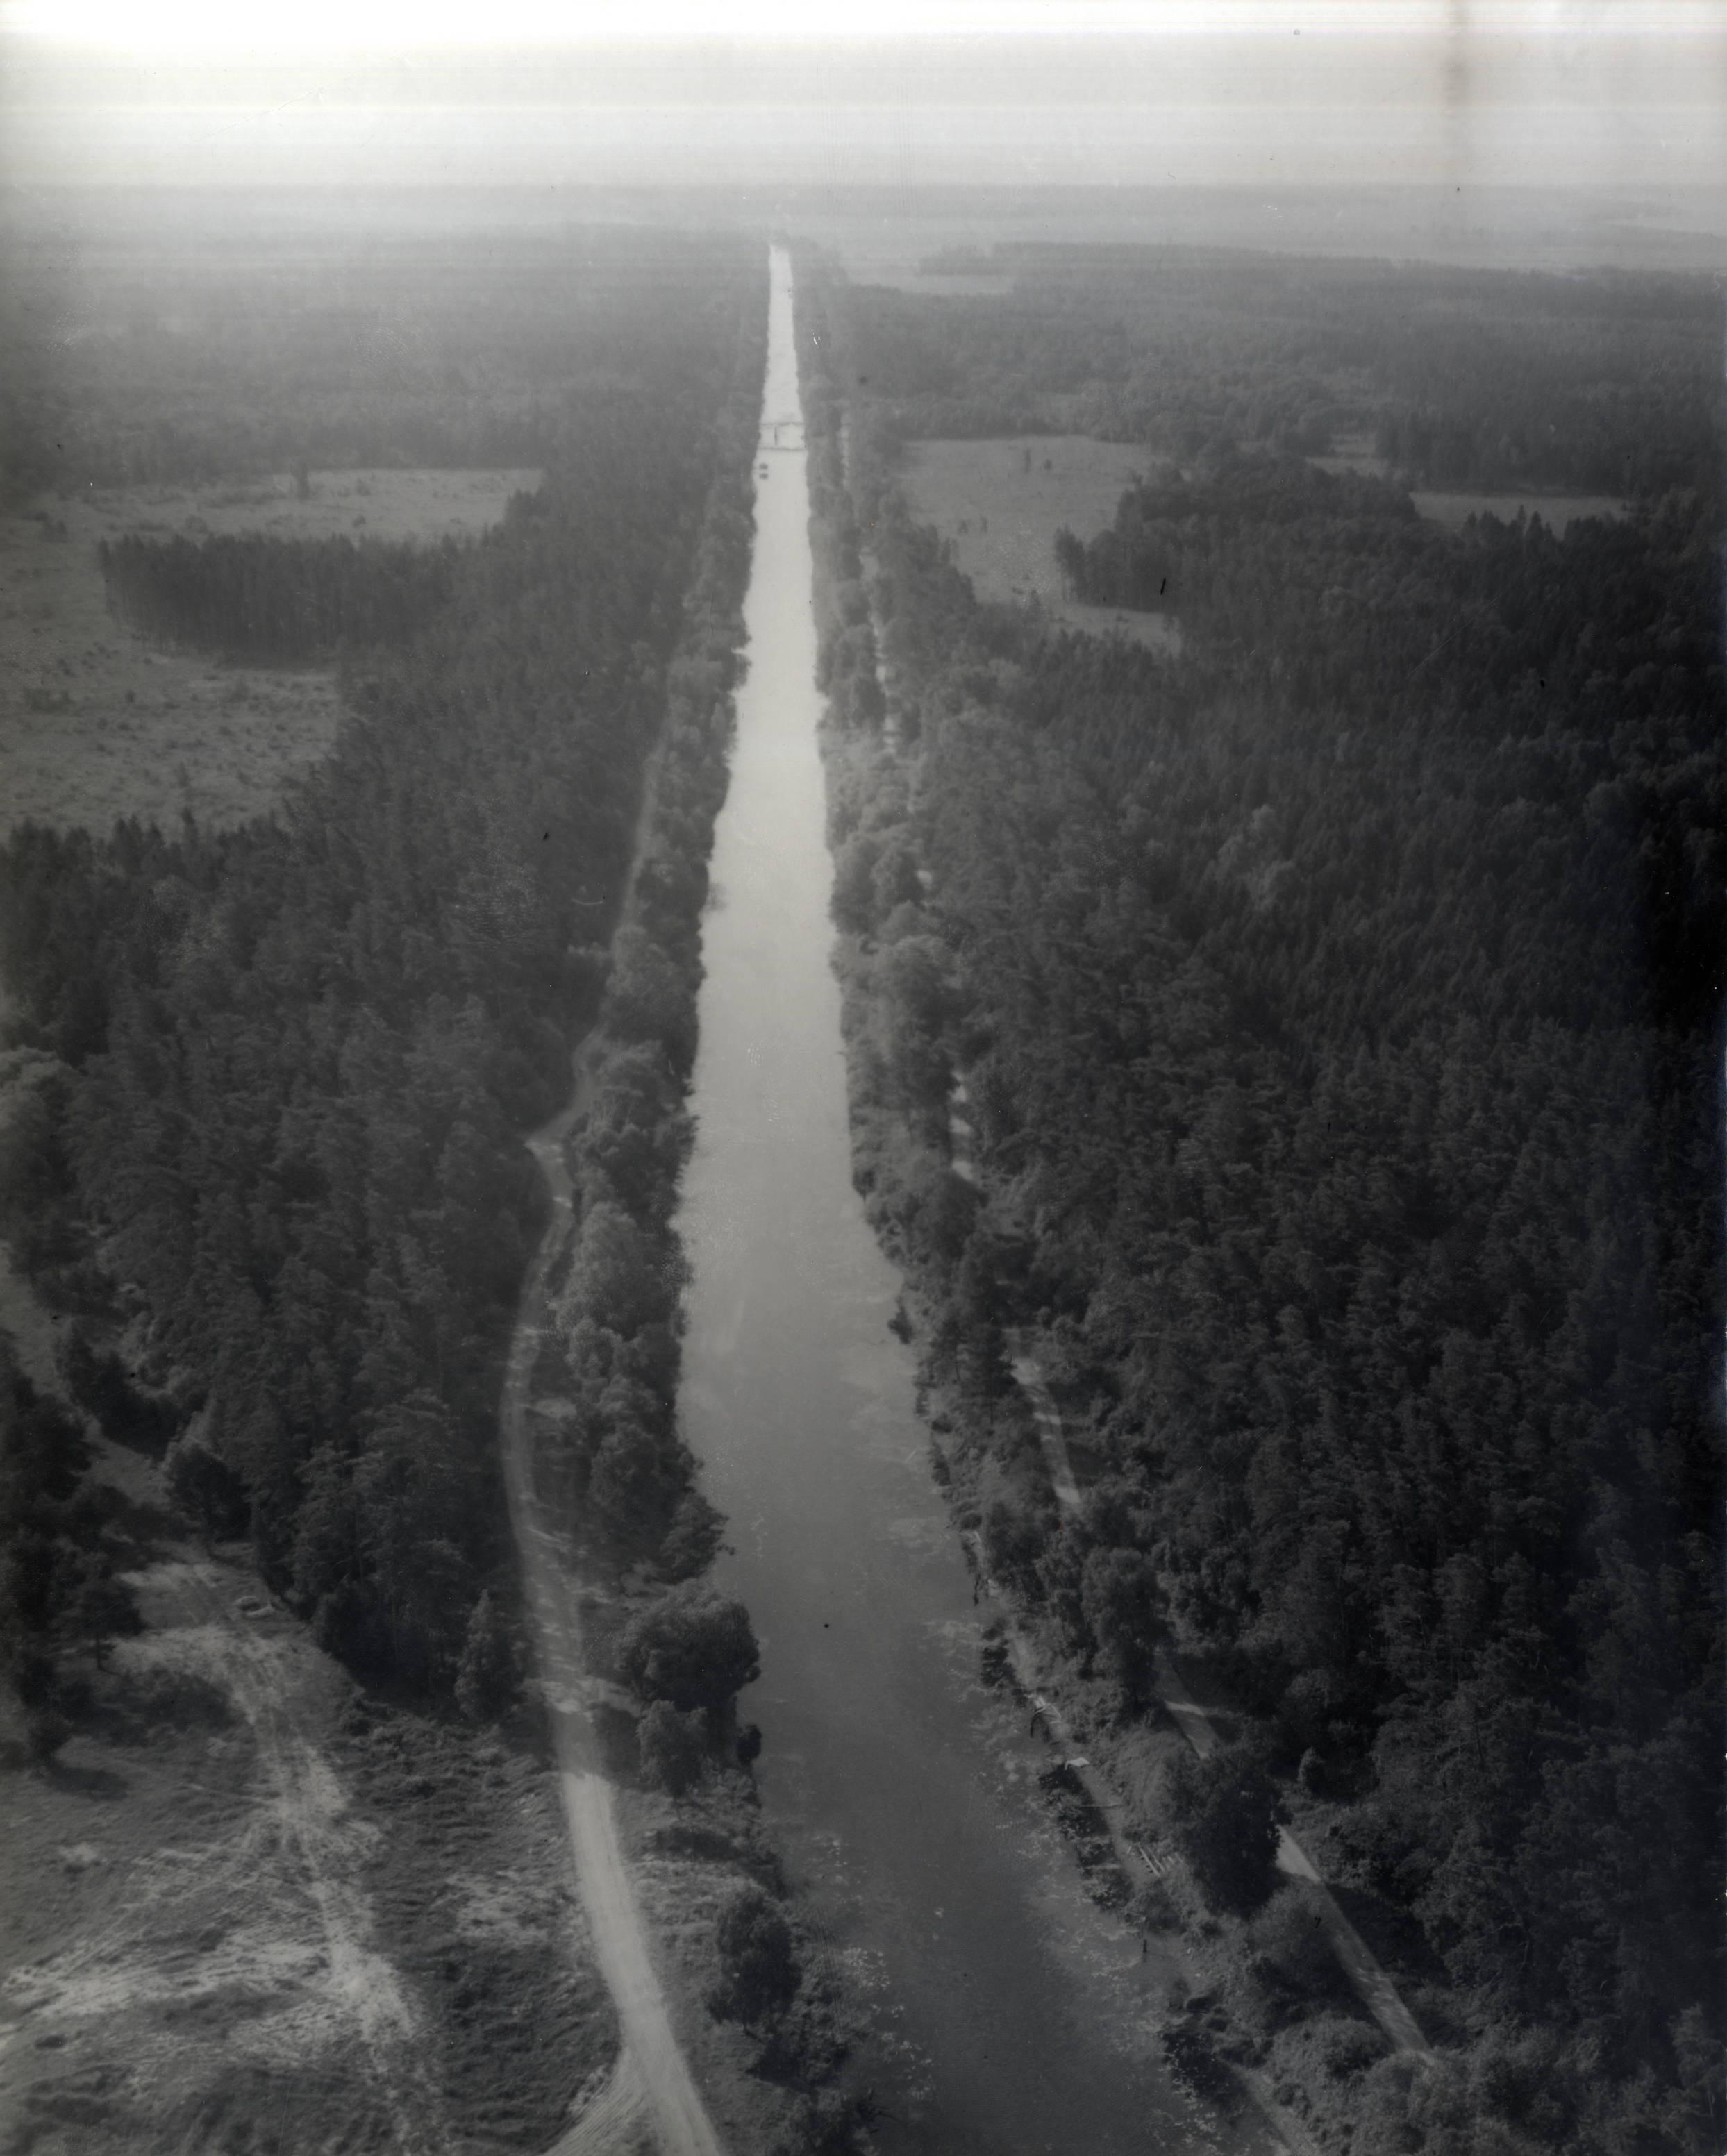 Karaliaus Vilhelmo kanalas iš paukščio skrydžio